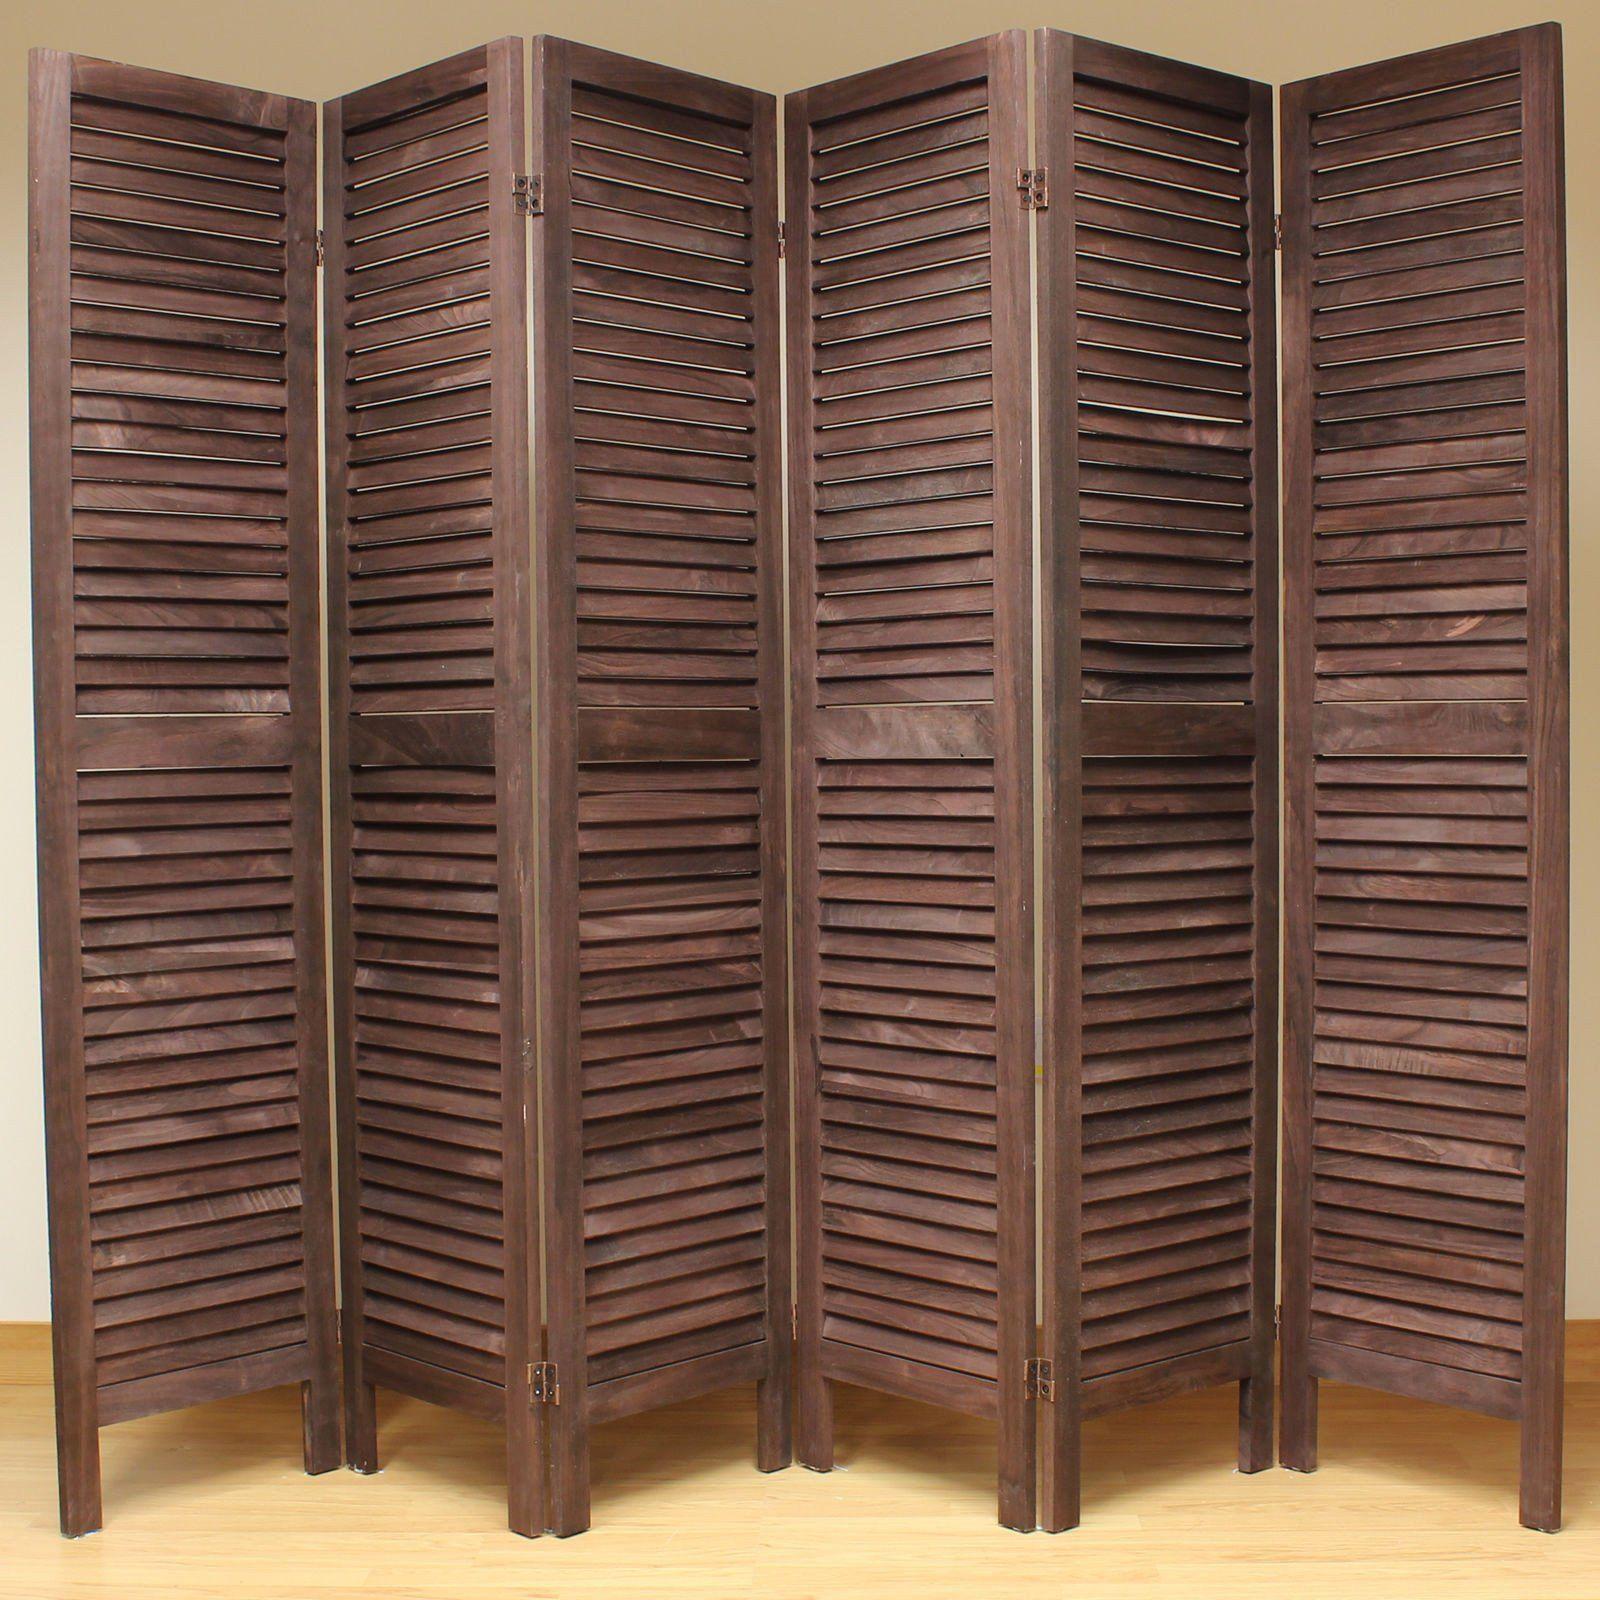 Room divider decor studio apt room divider headboardroom divider